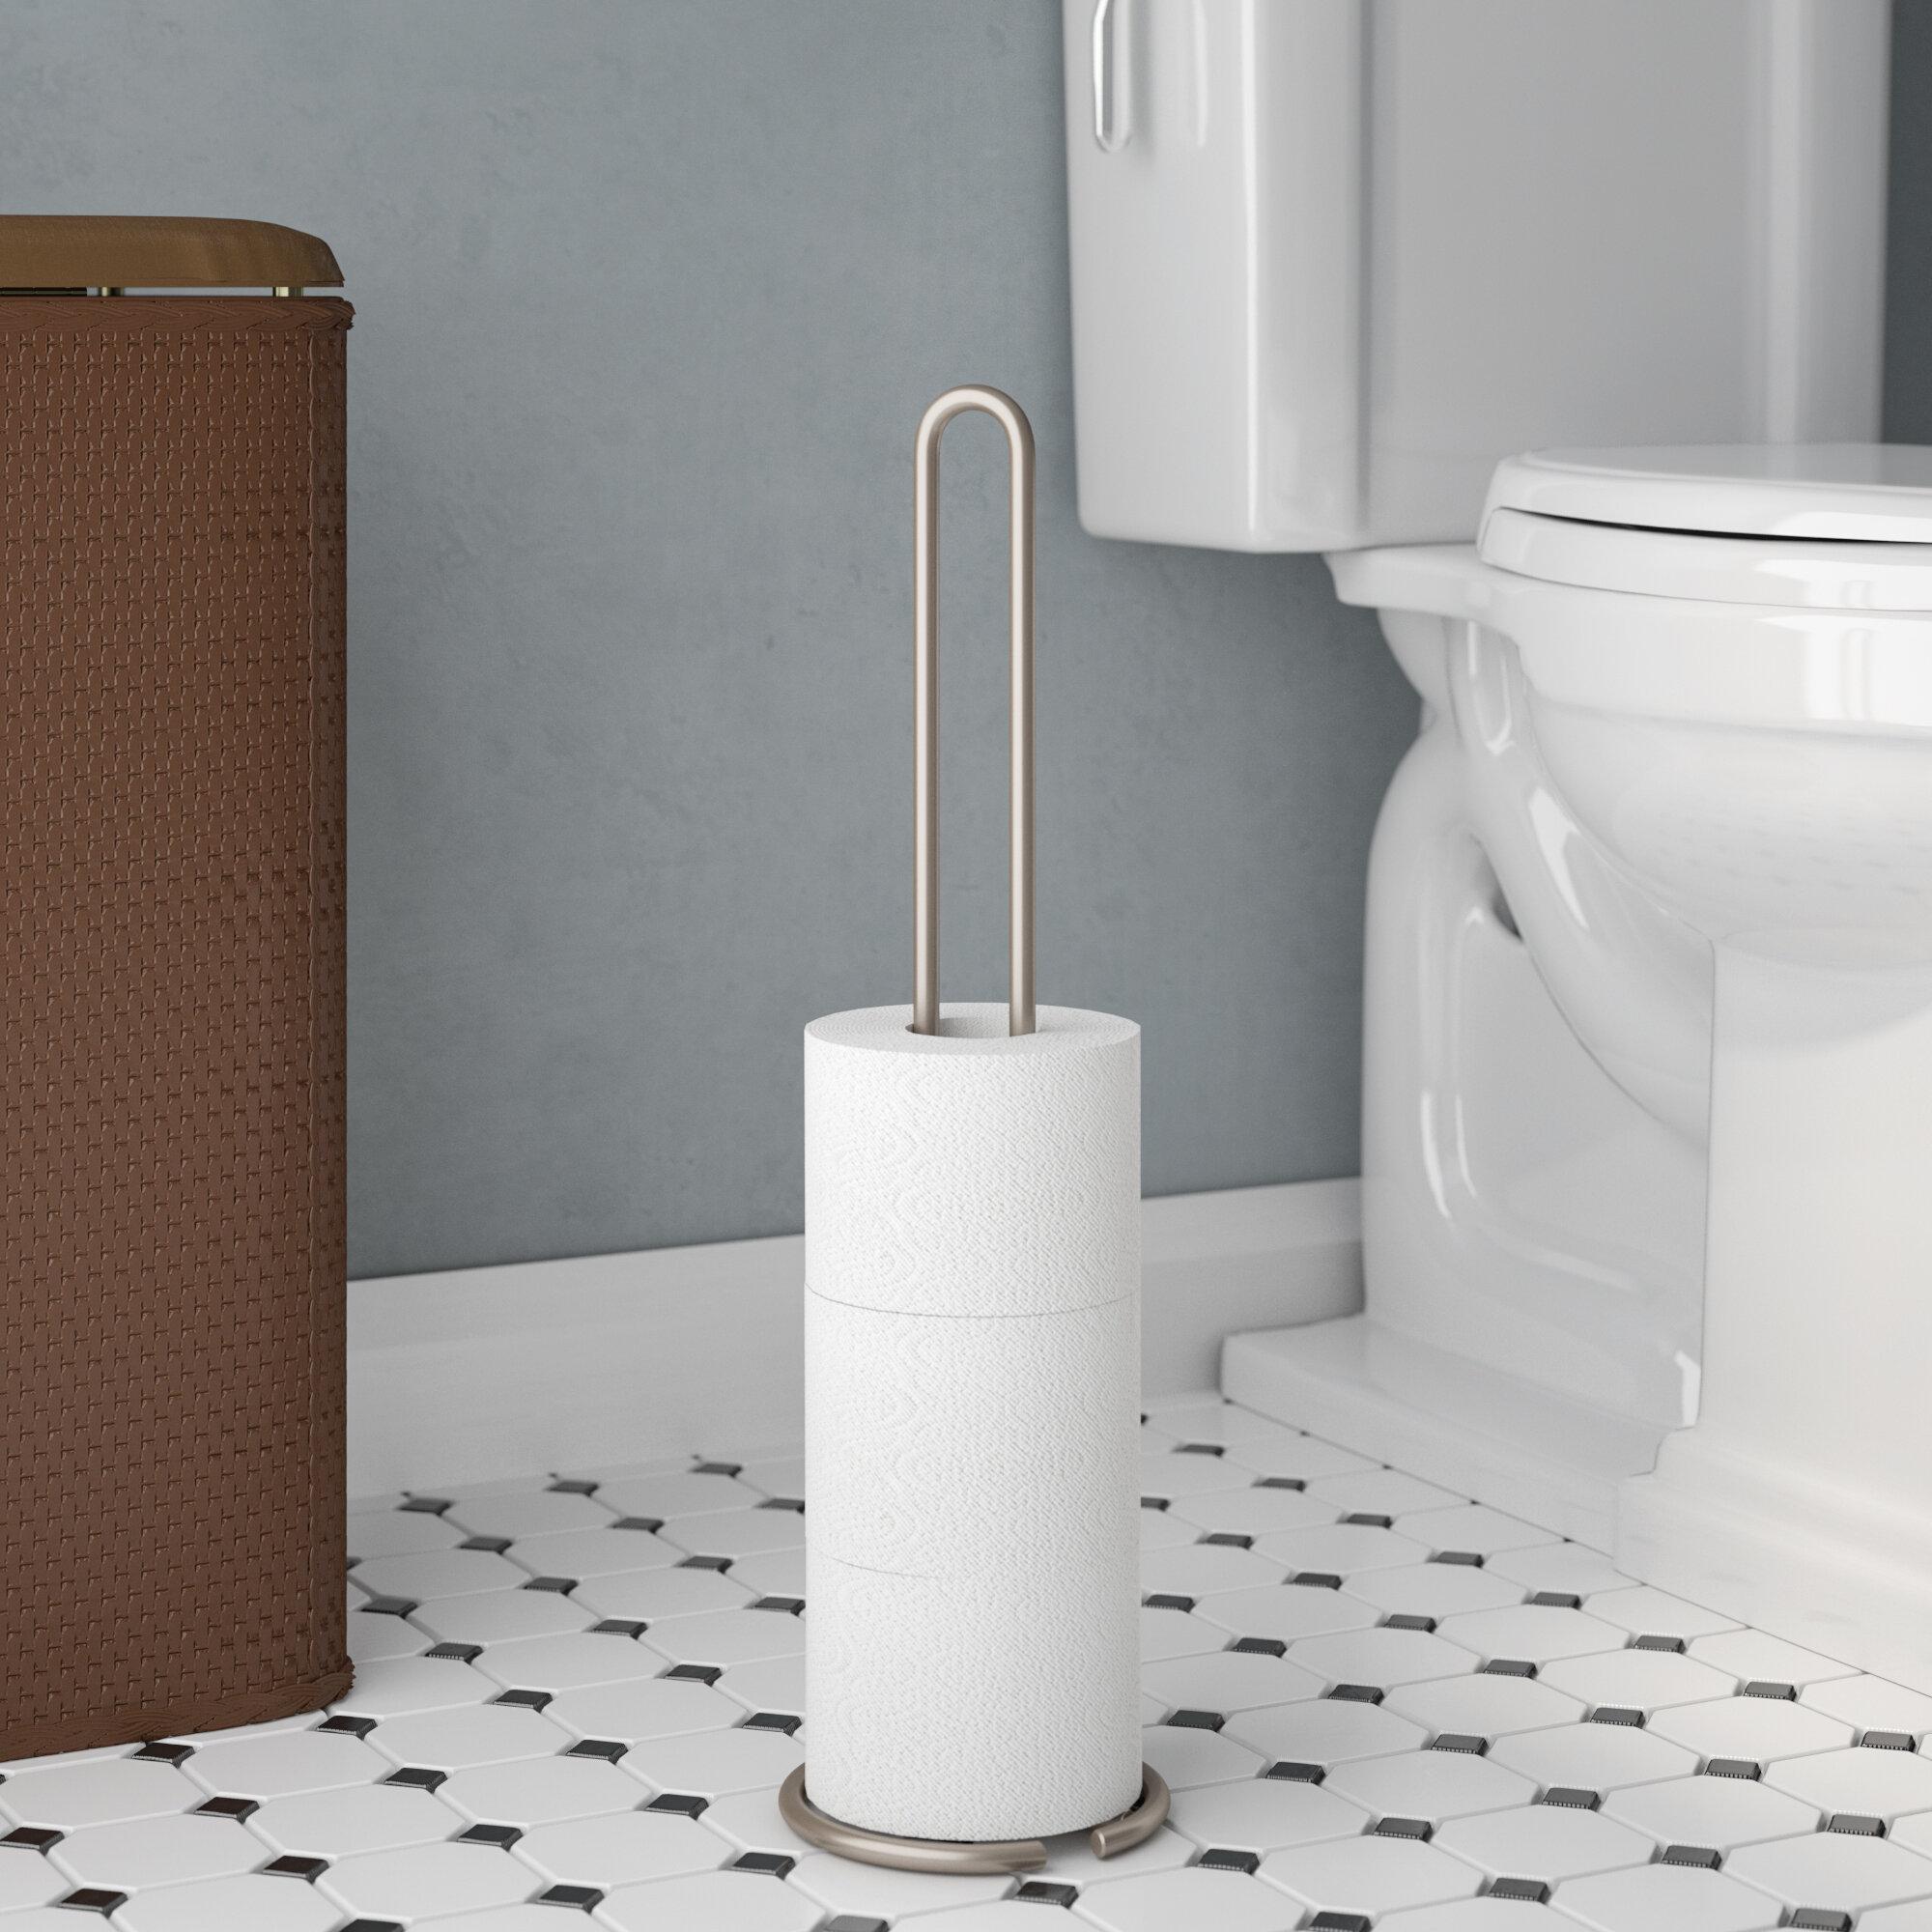 3 Rouleau Libre Debout Papier Toilette Tissue fer Distributeur Rangement Support Stand